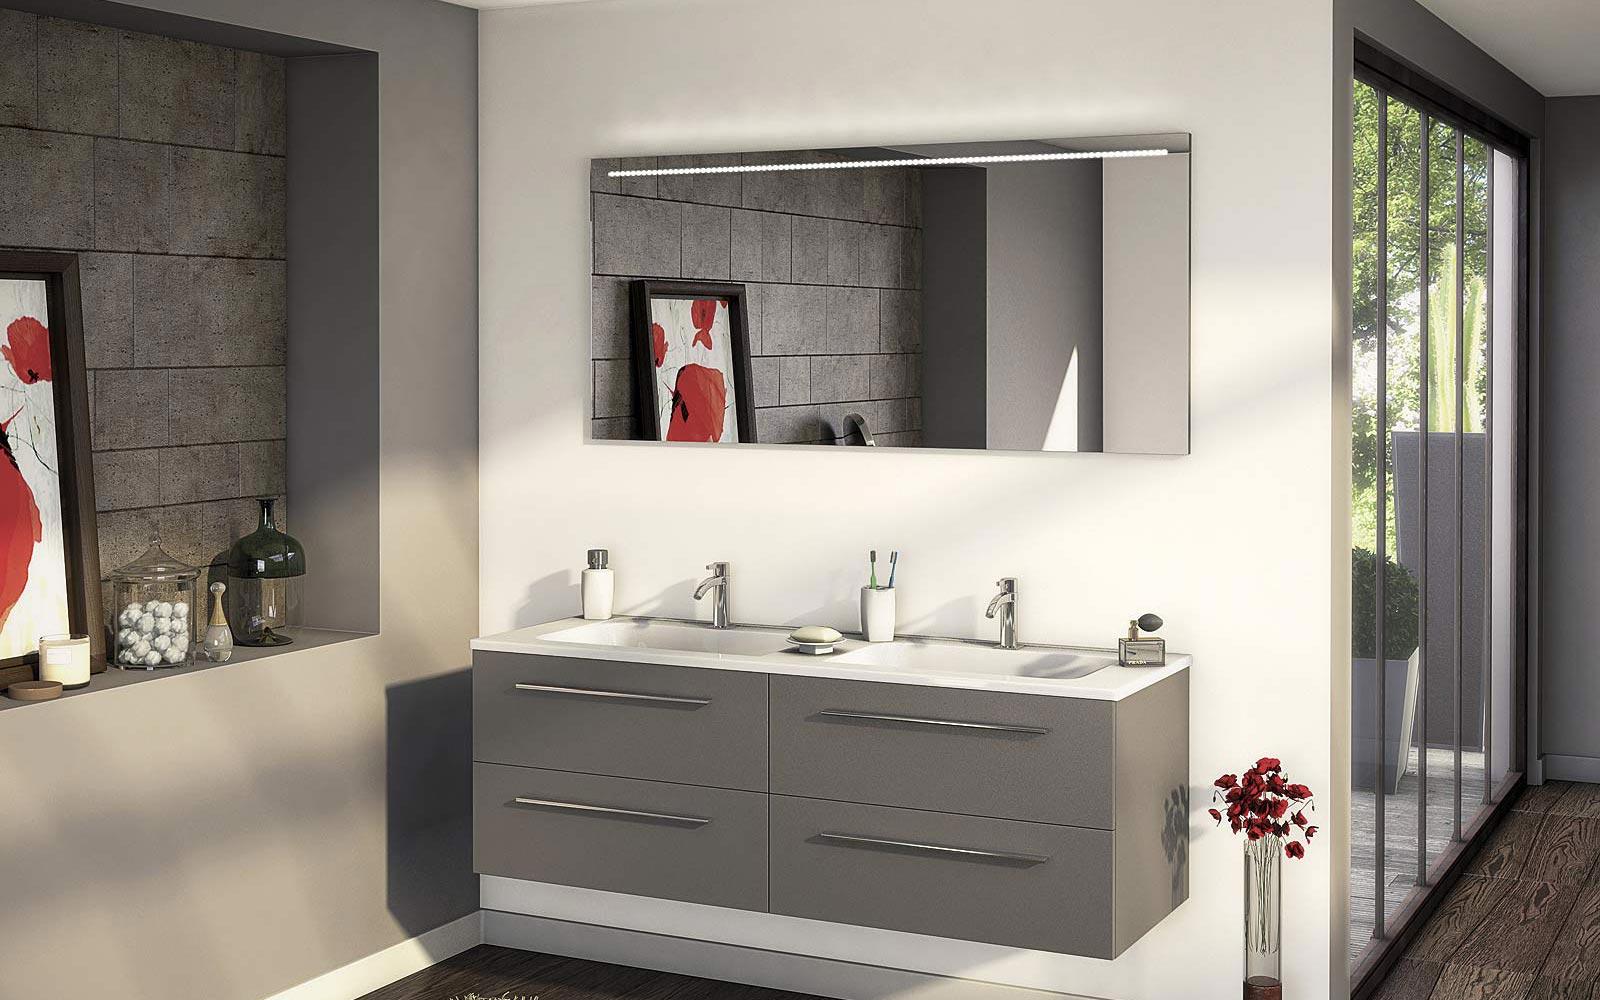 Pied Meuble Salle De Bain Ikea muslin ent. - salle de bain, chauffage, pompe à chaleur